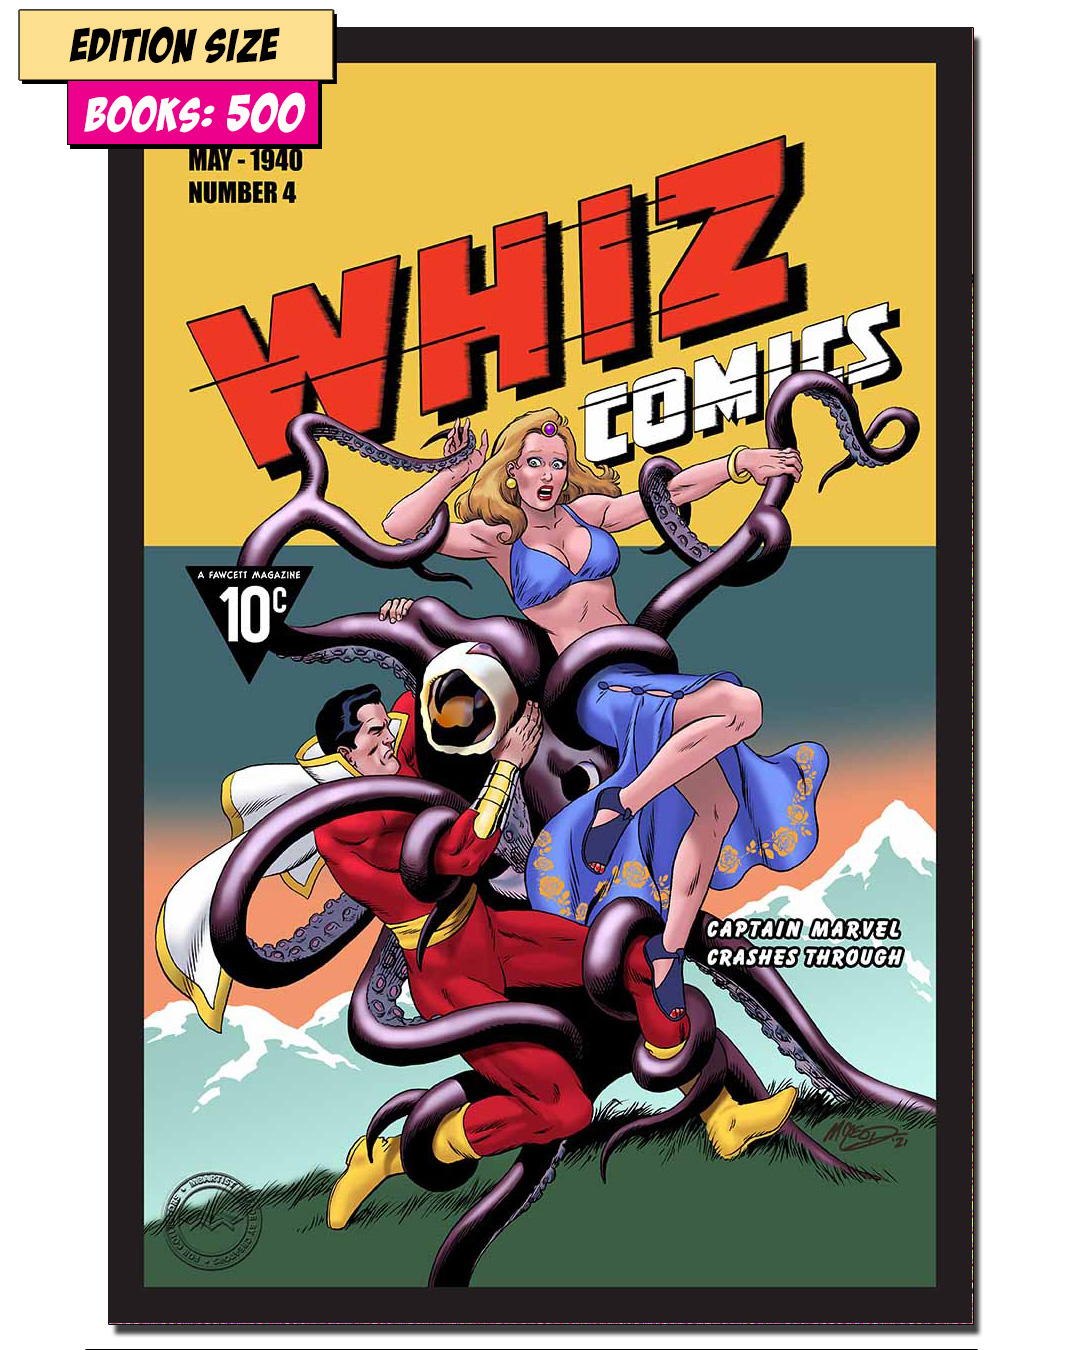 Book - WHIZ COMICS #4: REPRINT